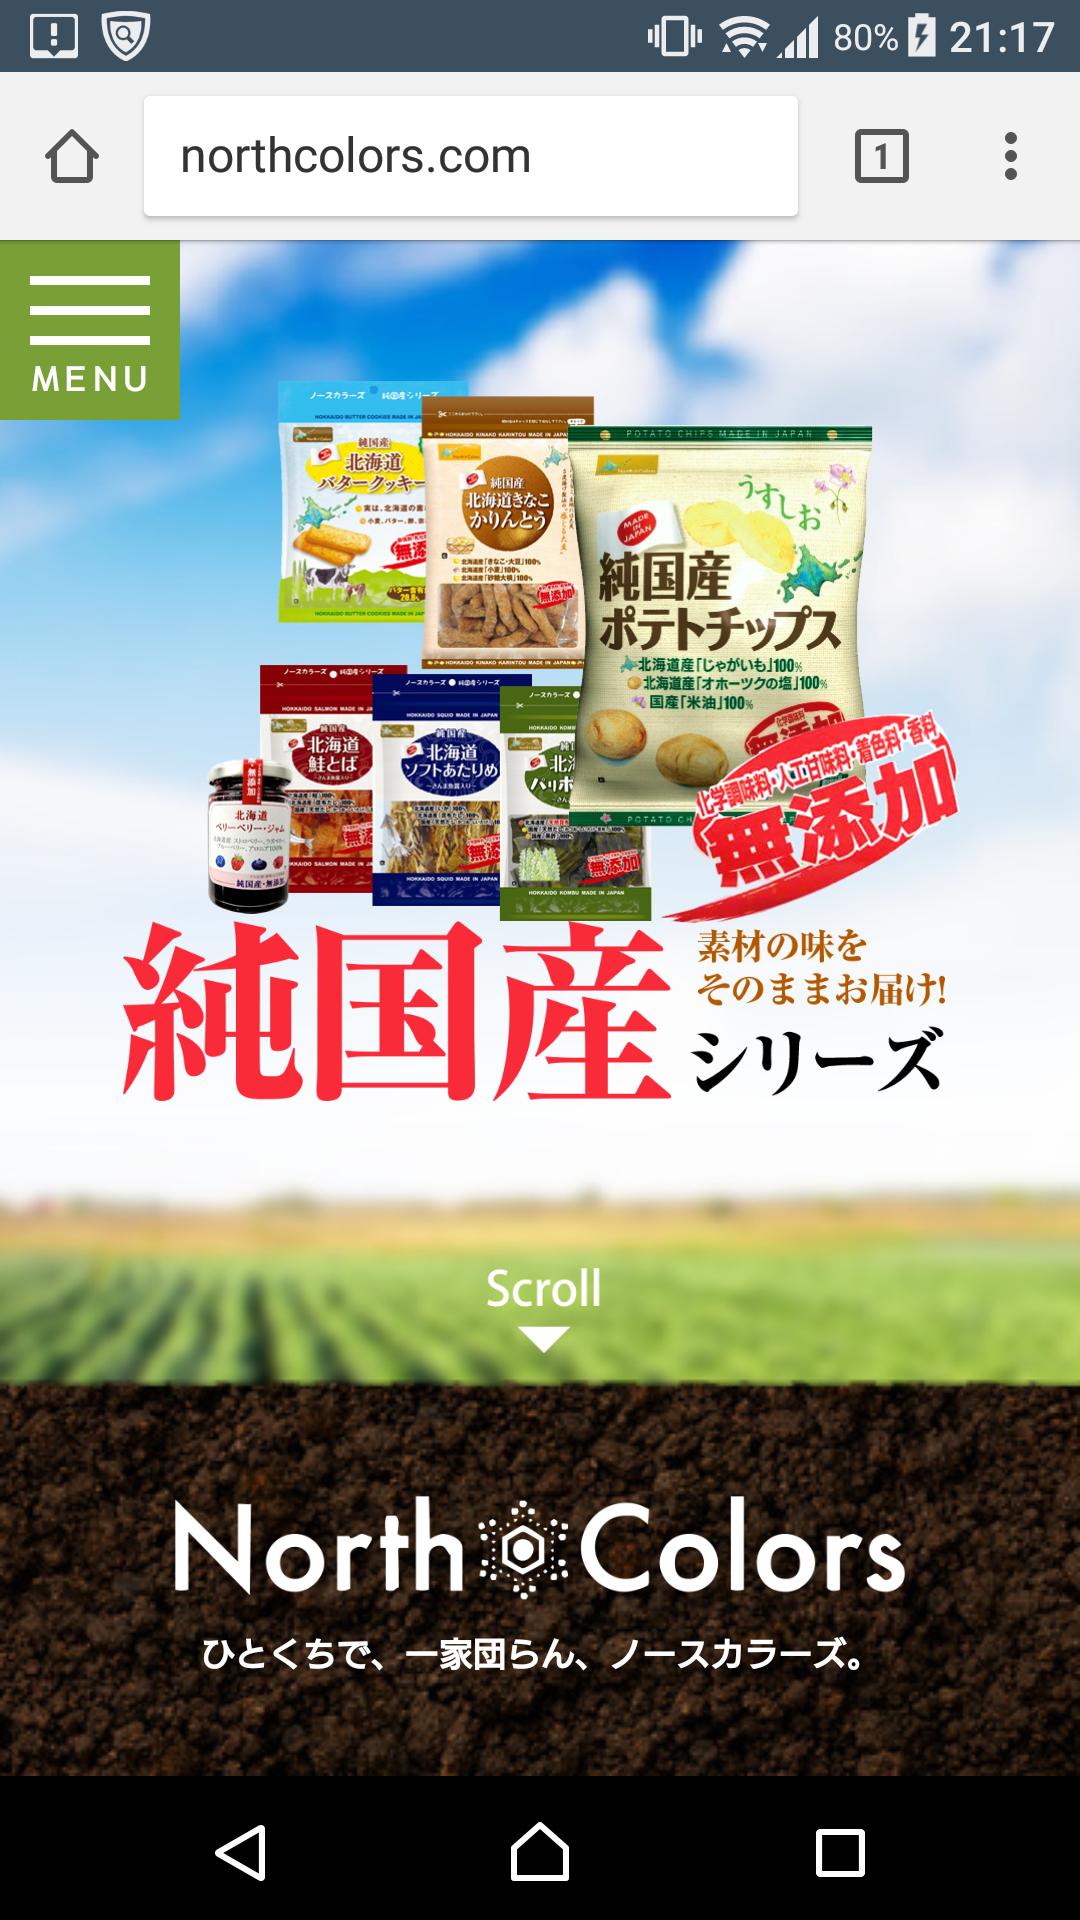 日本企業の商品のオススメpart10